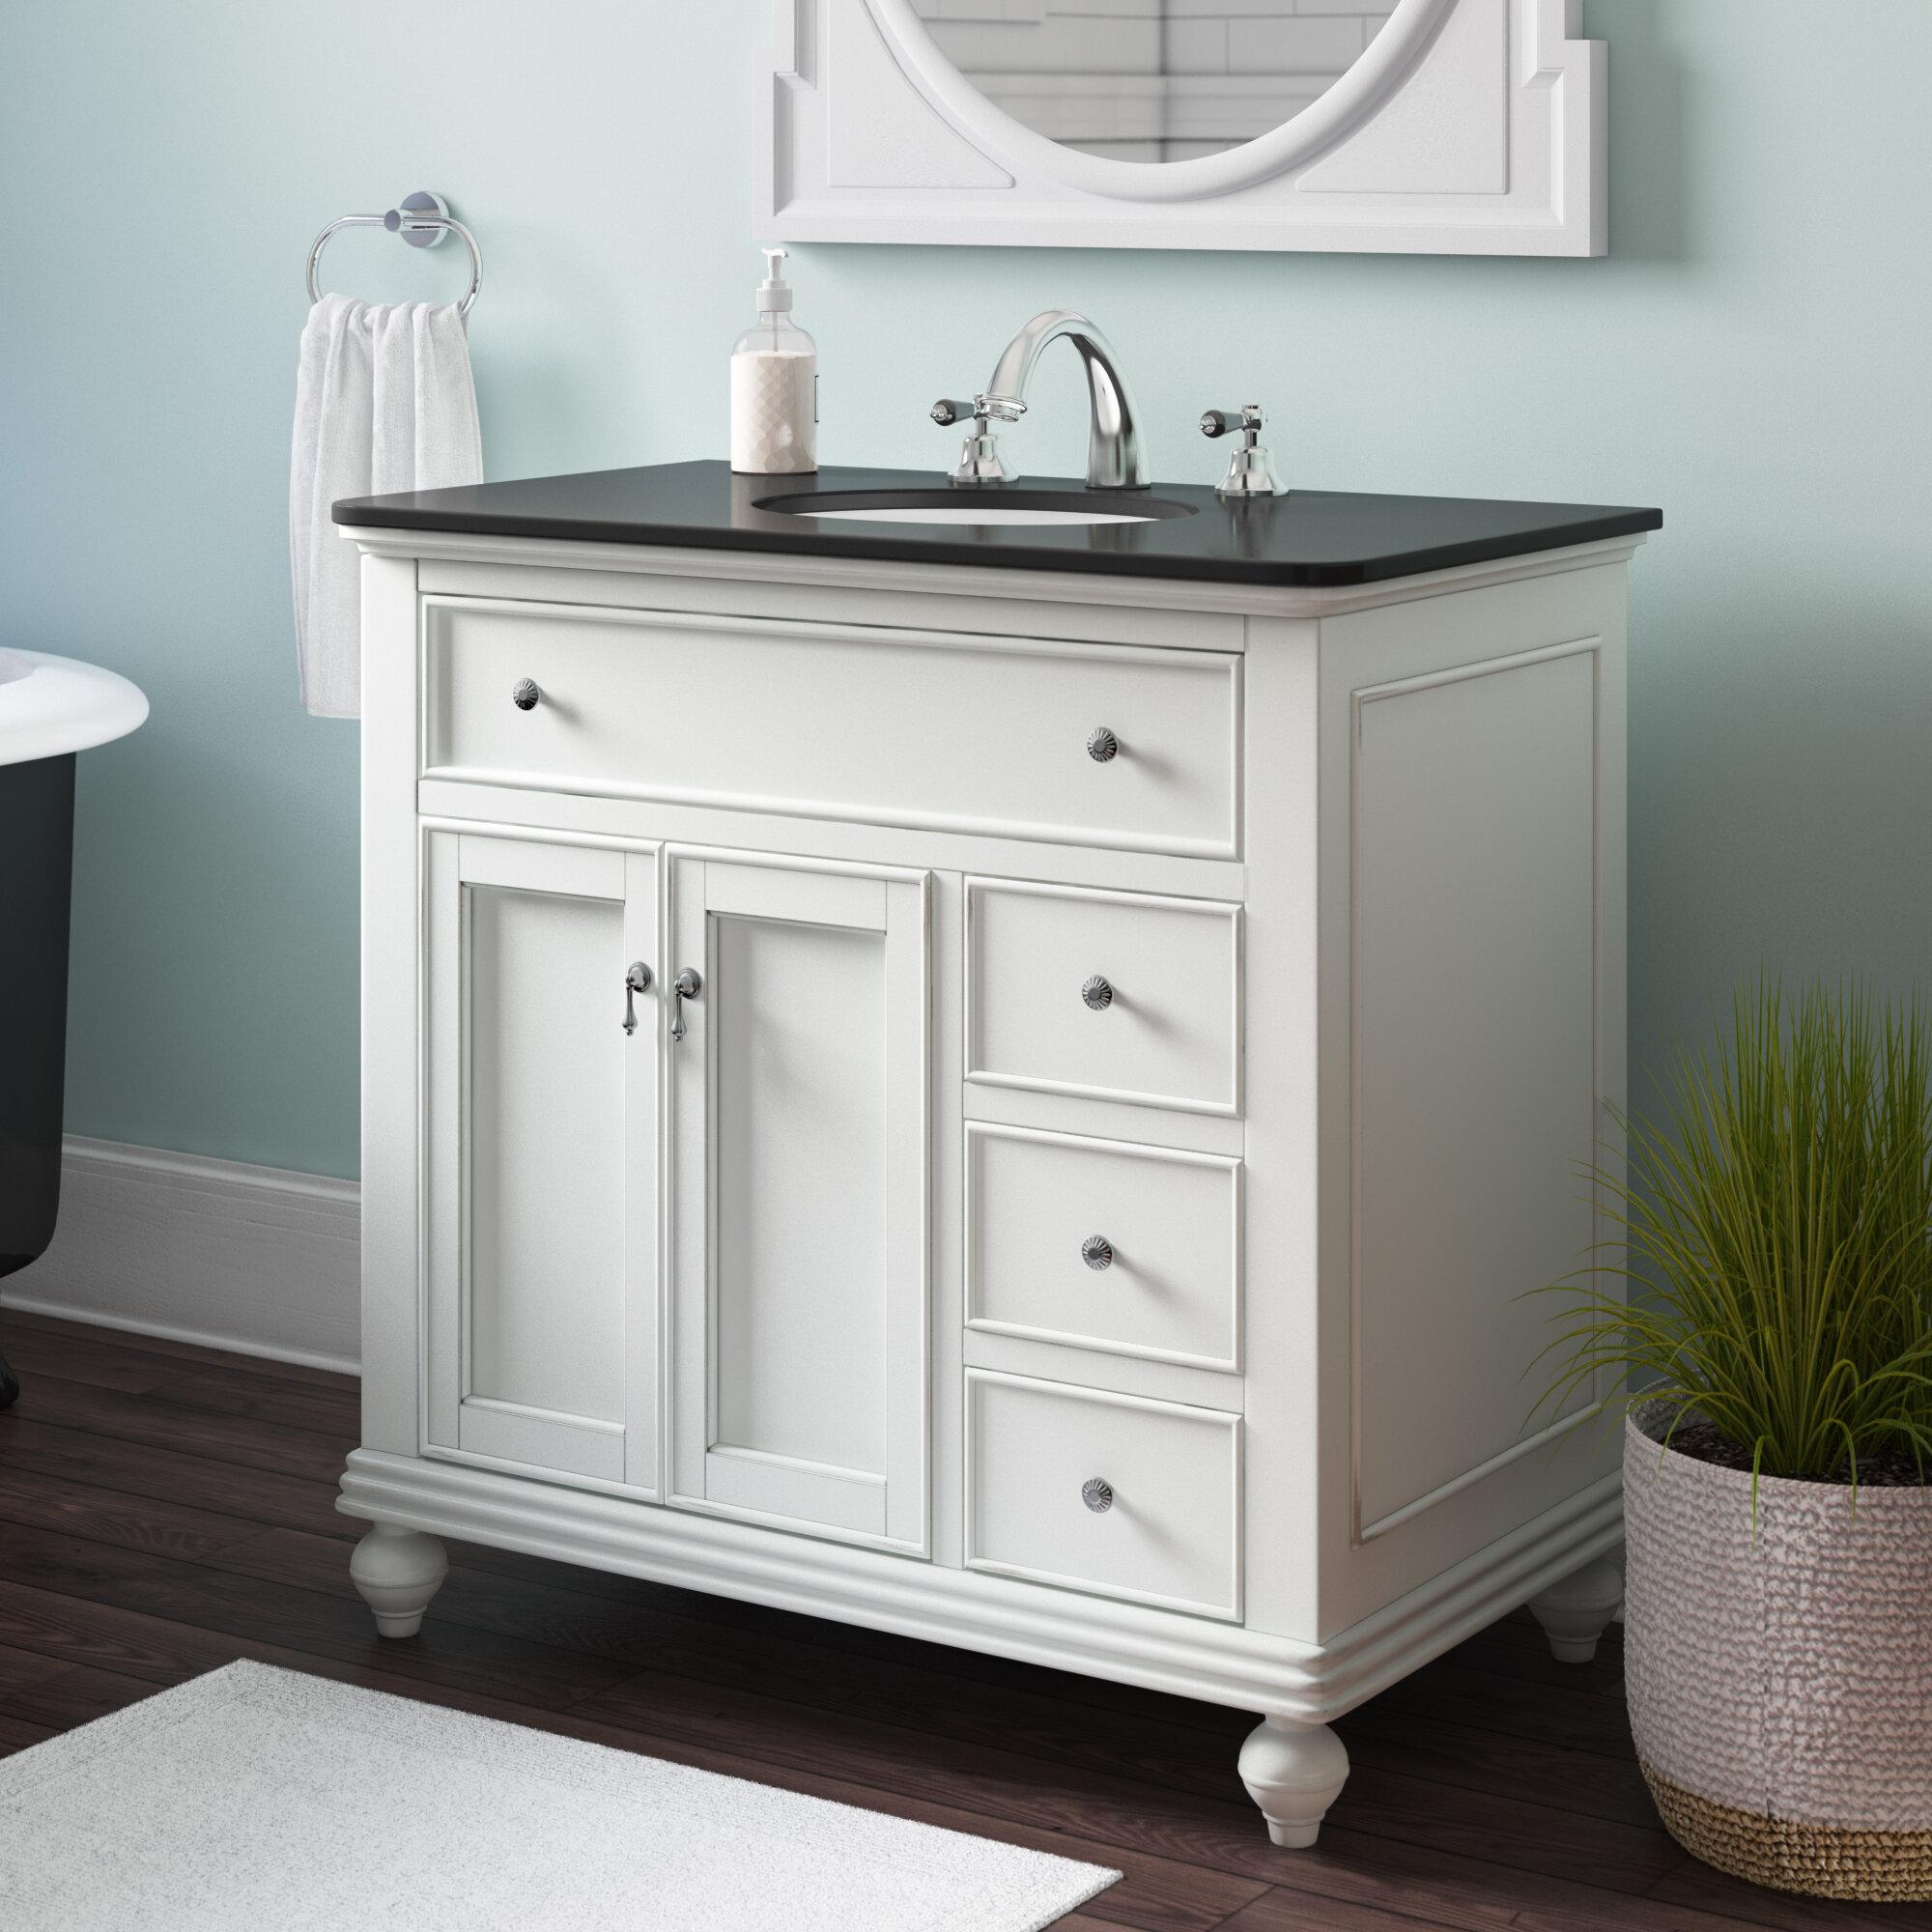 Rosecliff Heights Fawkes 36 Single Bathroom Vanity Set Reviews Wayfair Ca